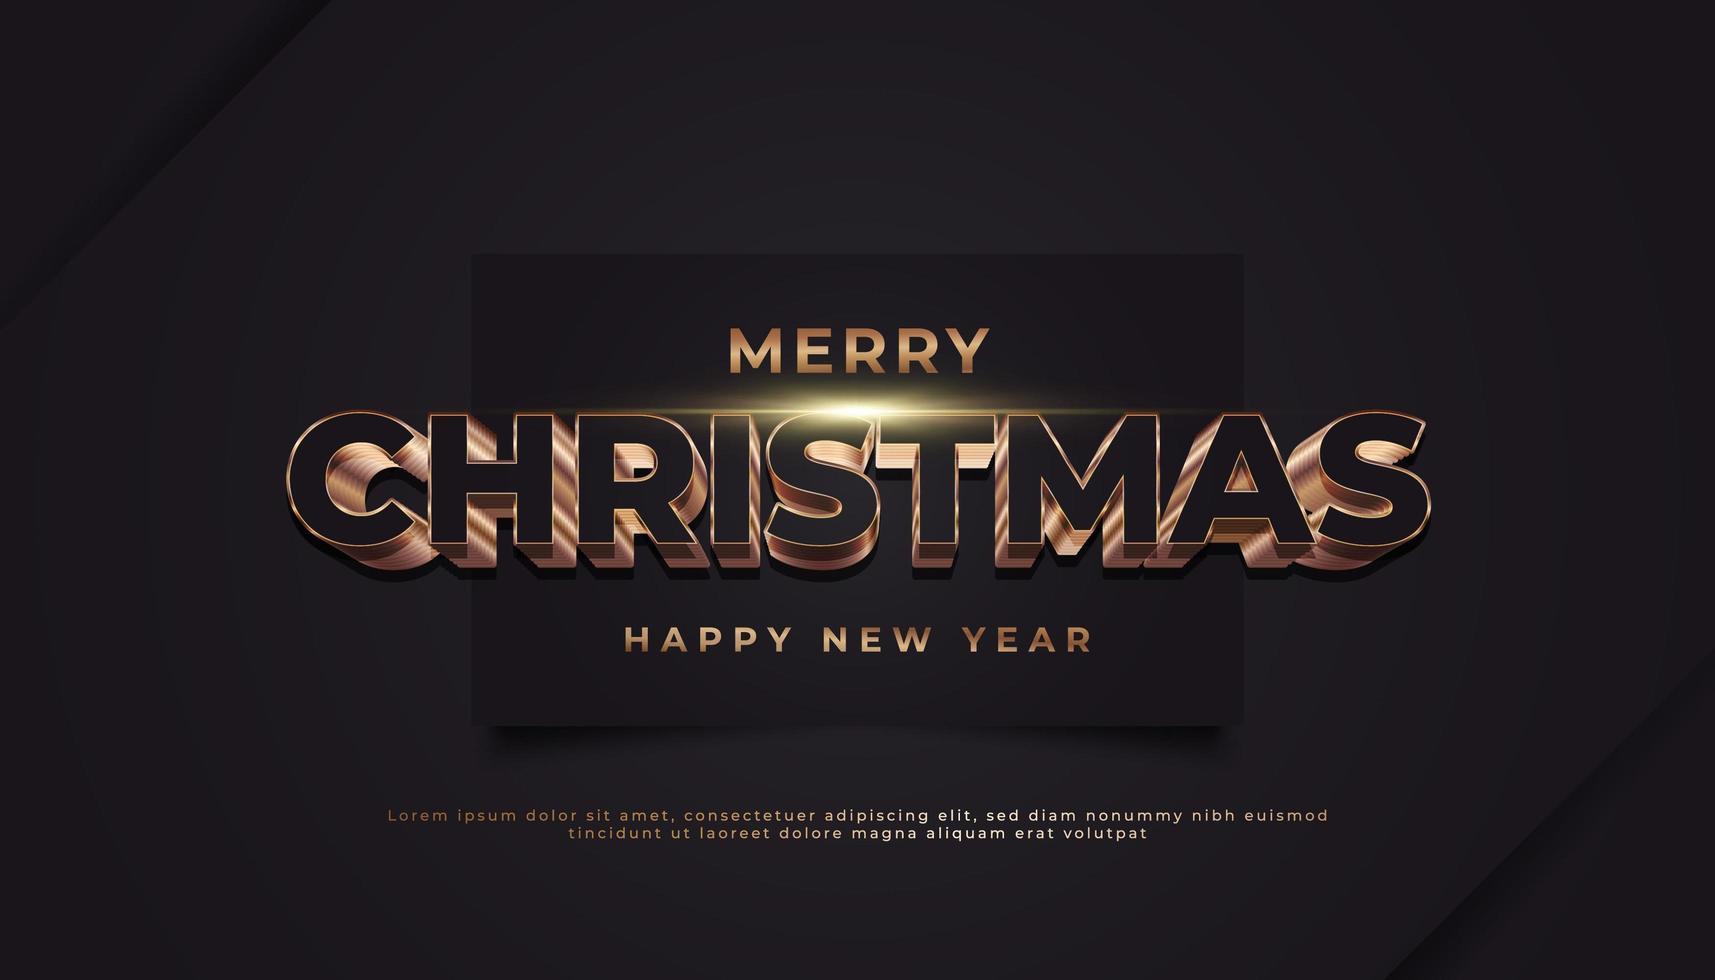 vrolijk kerstfeest banner met 3d gouden tekst op zwart papier vector